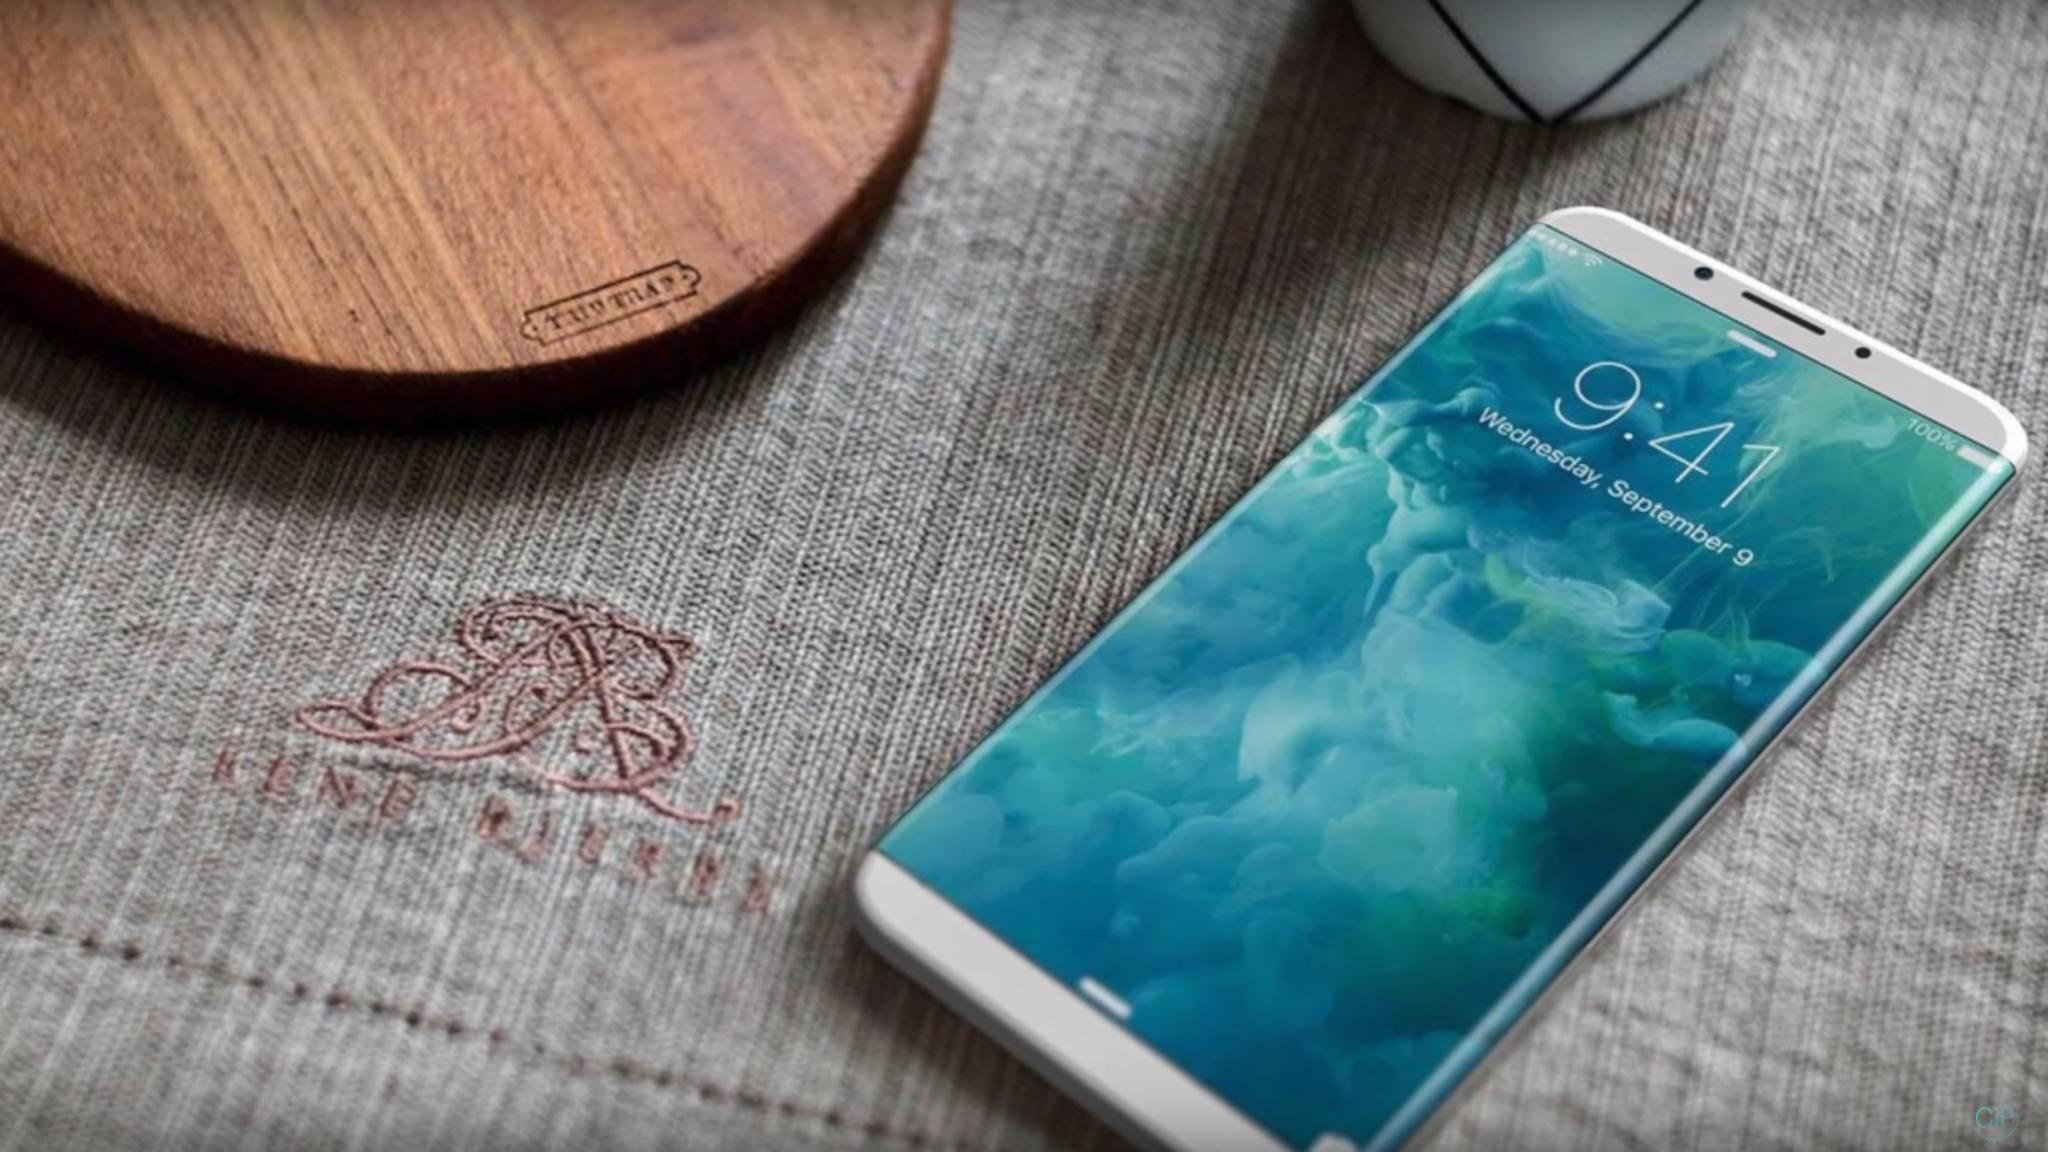 Das iPhone 8 könnte eine verbesserte Siri bekommen.